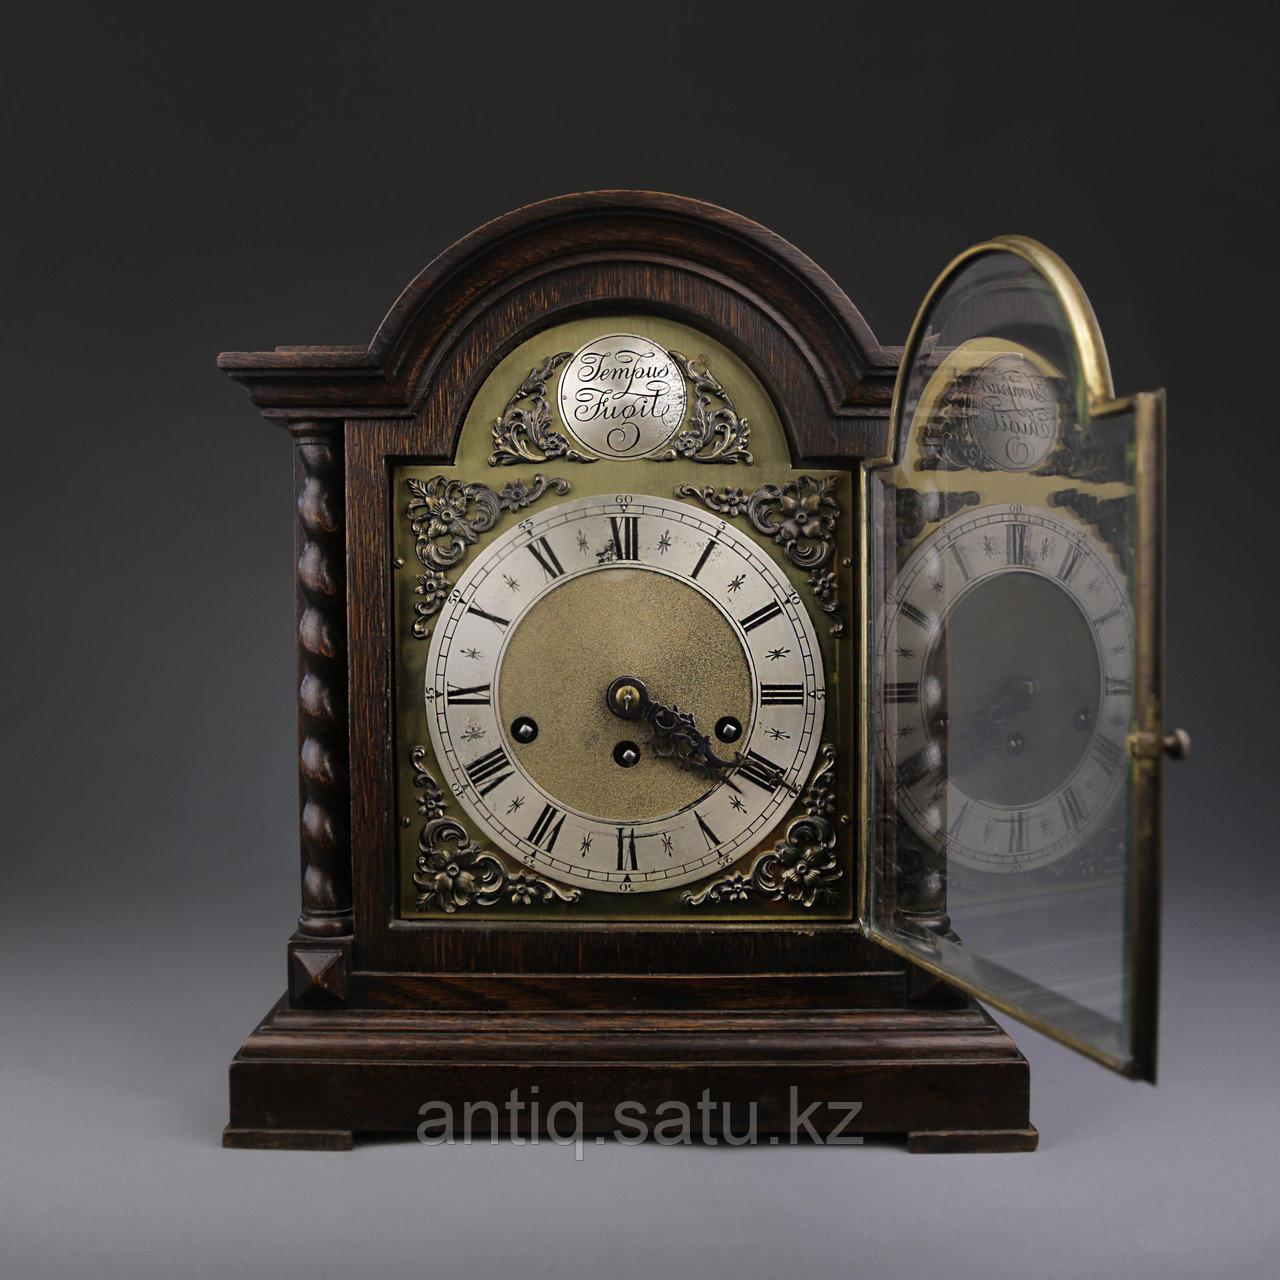 Настольные голландские часы с лунным календарем. Часовая мастерская Junghans. - фото 2